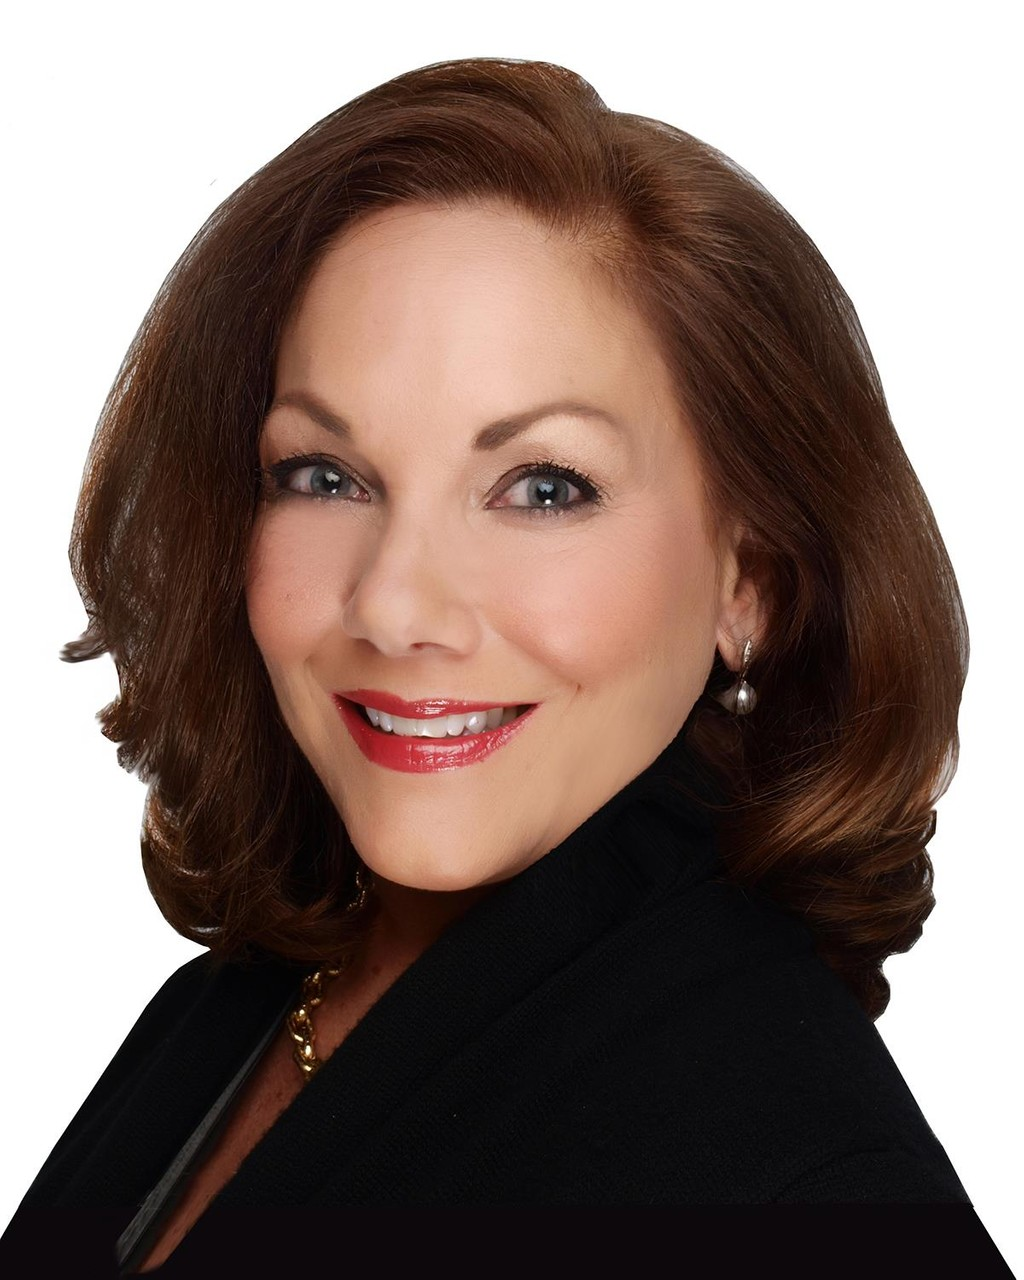 Victoria Eichor Real Estate Agent | Allie Beth Allman